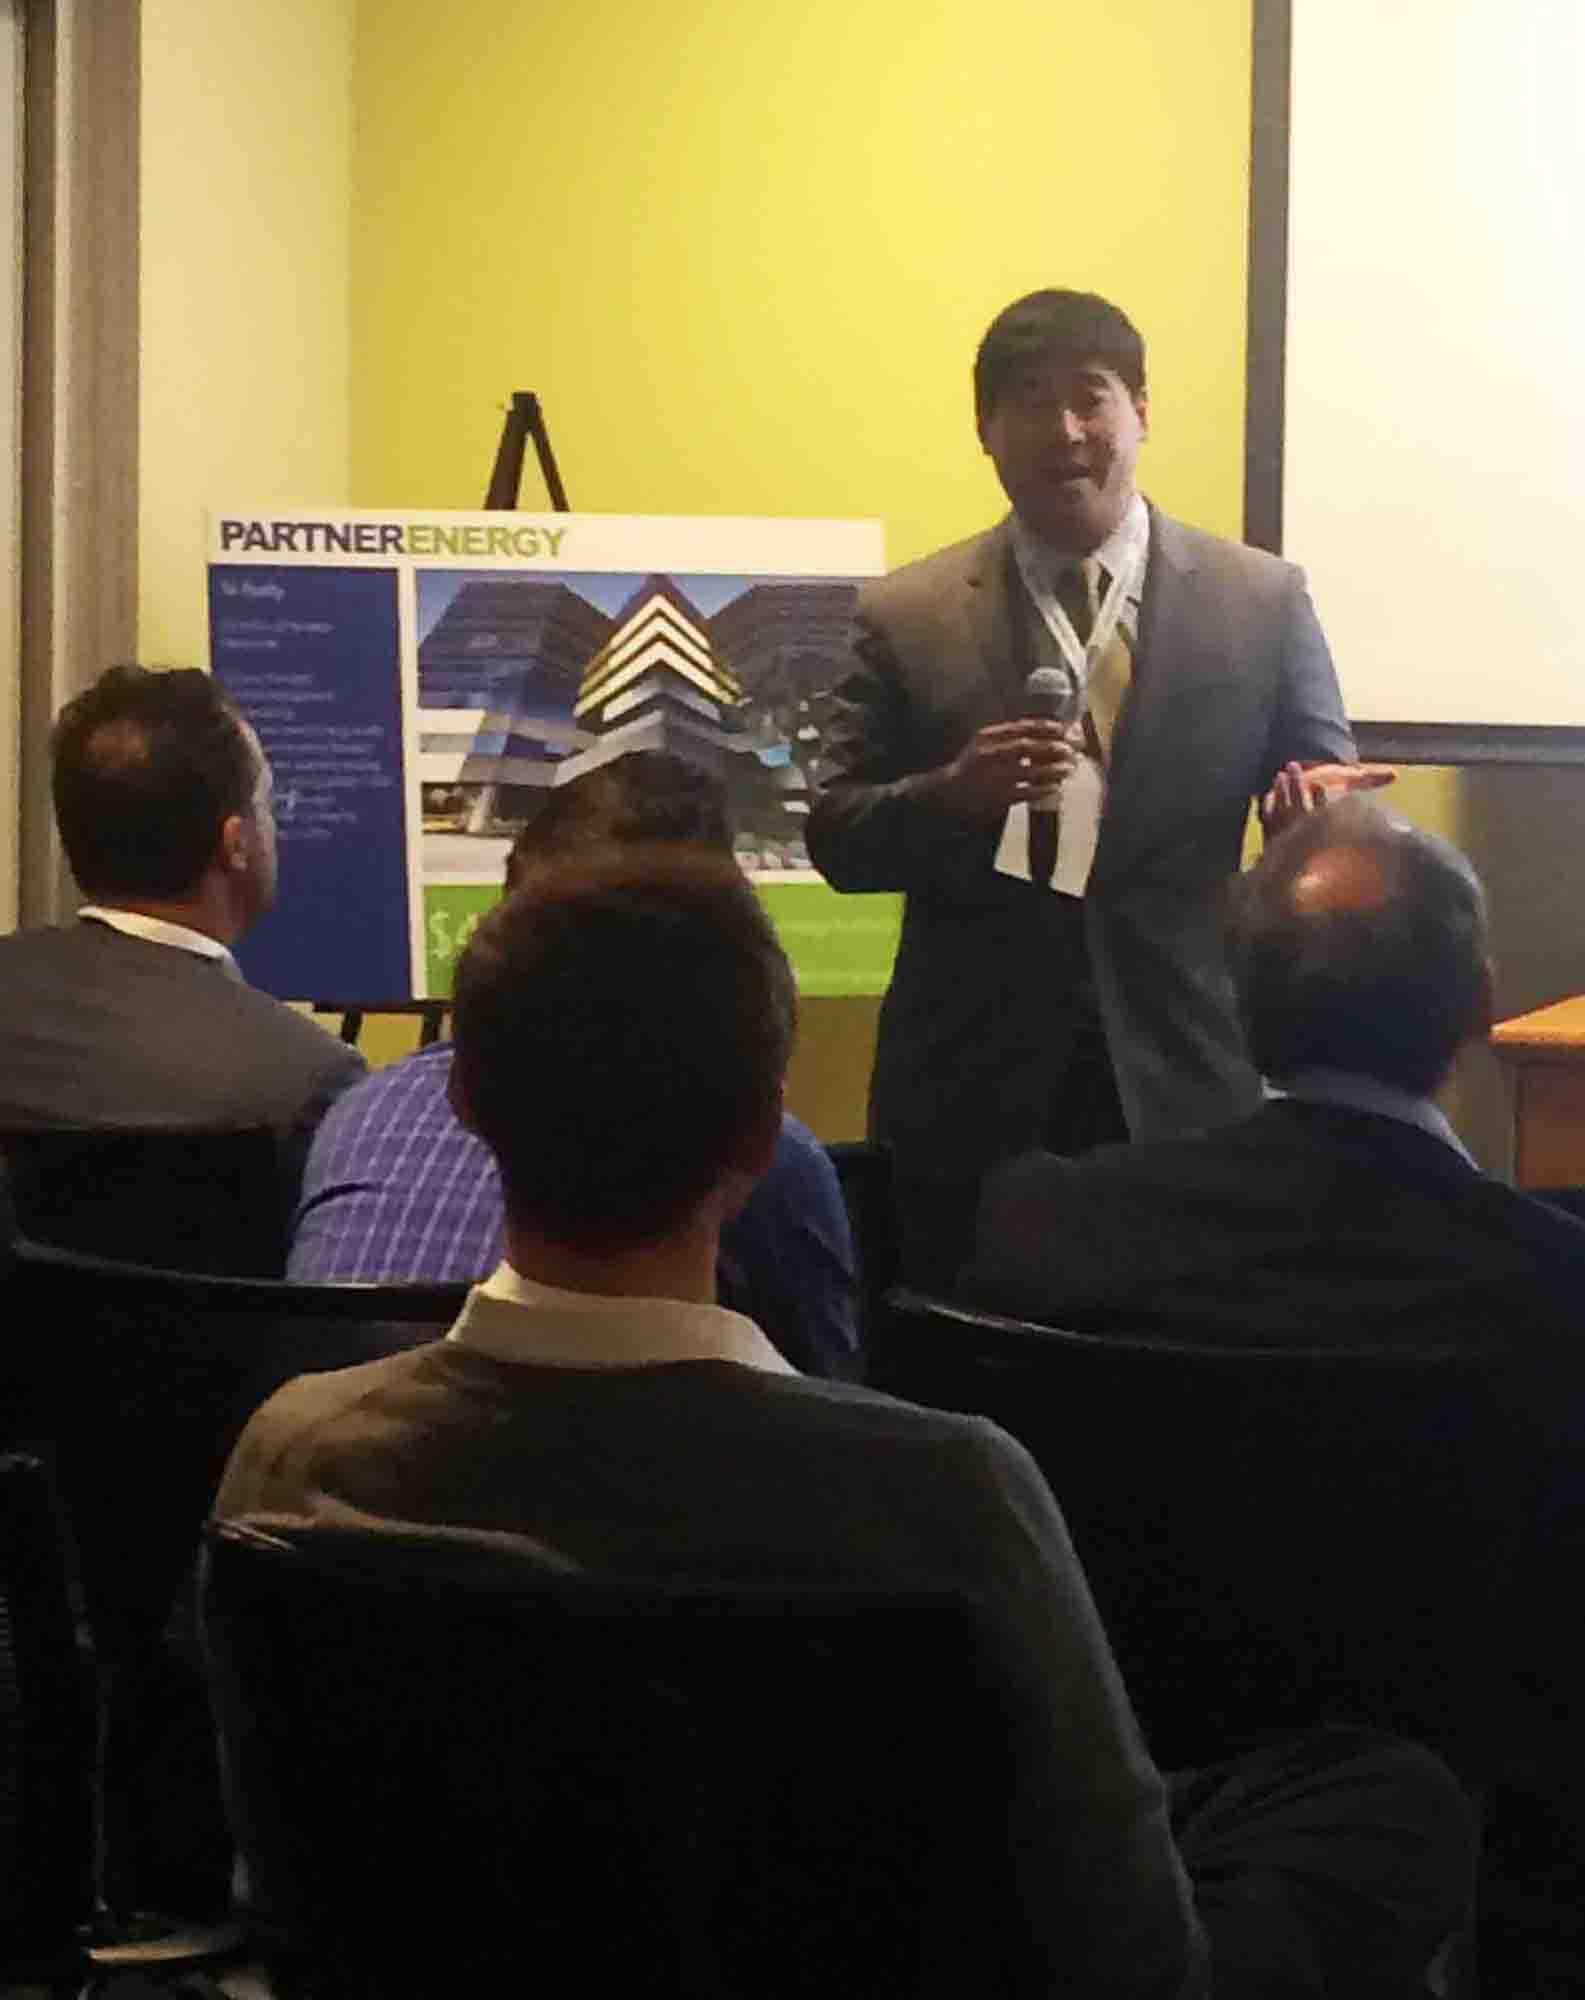 President of Partner Energy, Tony Liou, offers opening remarks.